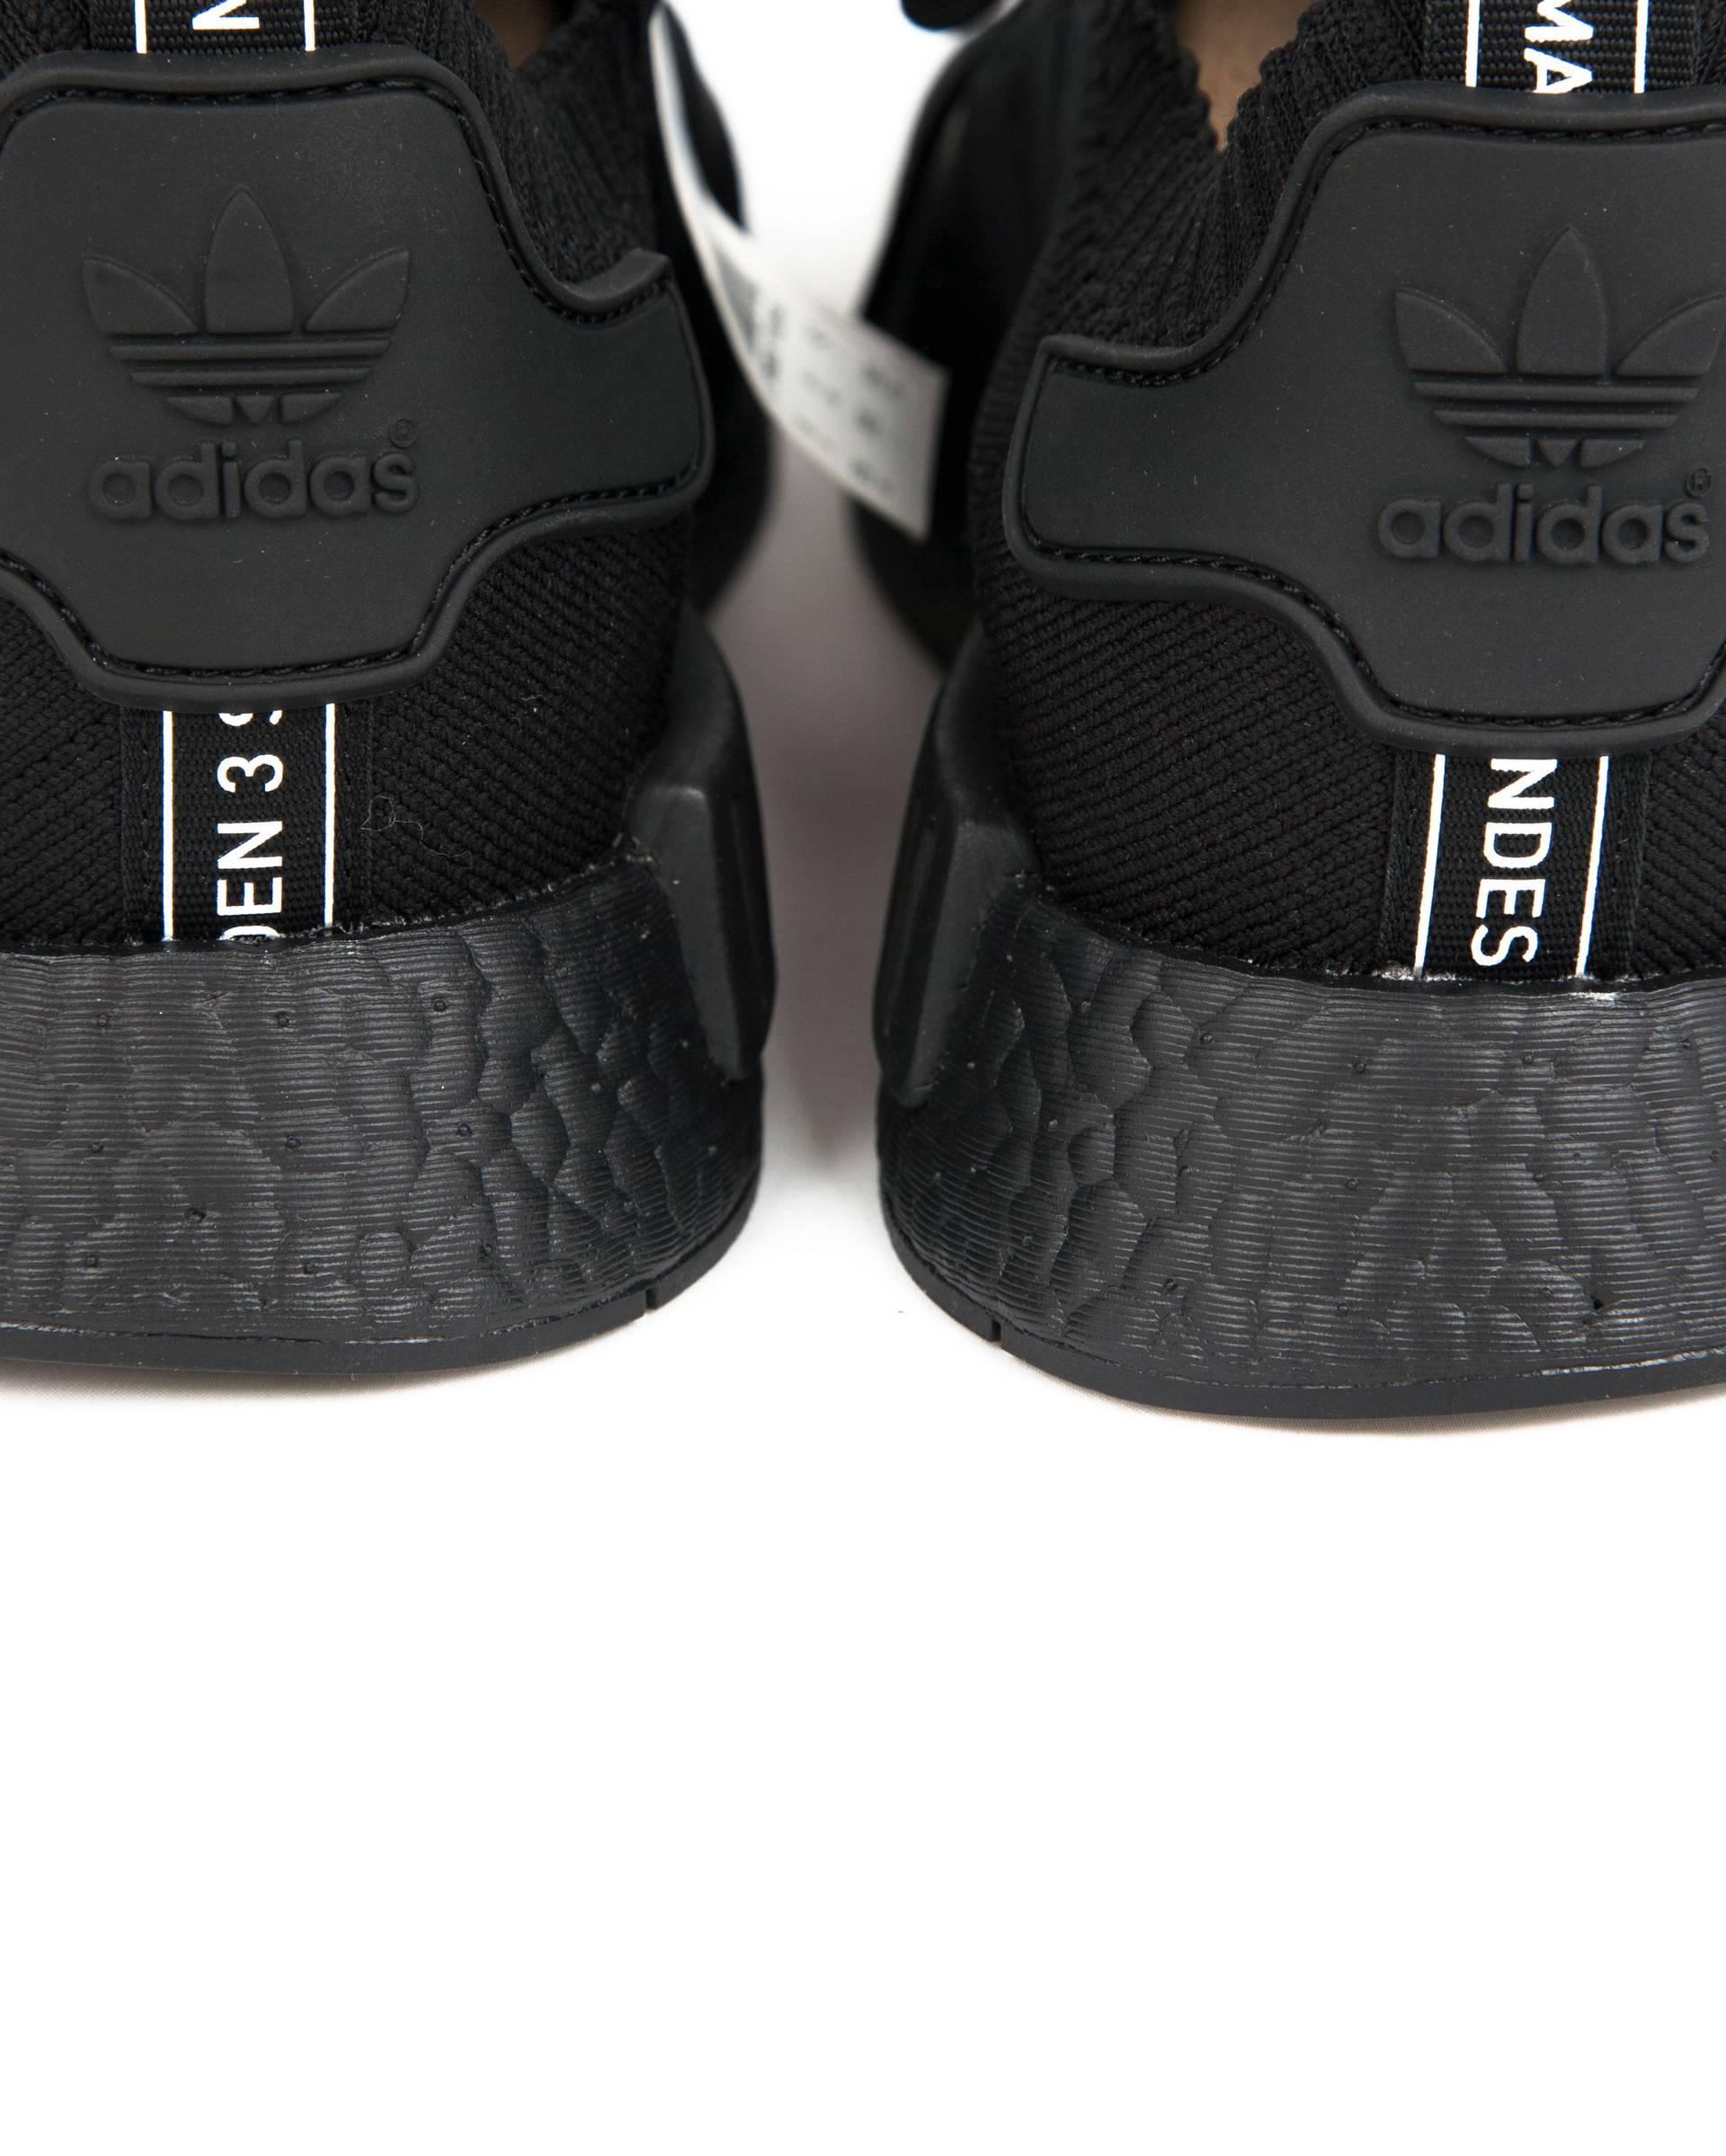 Кроссовки Adidas Originals NMD_R1 PK Black